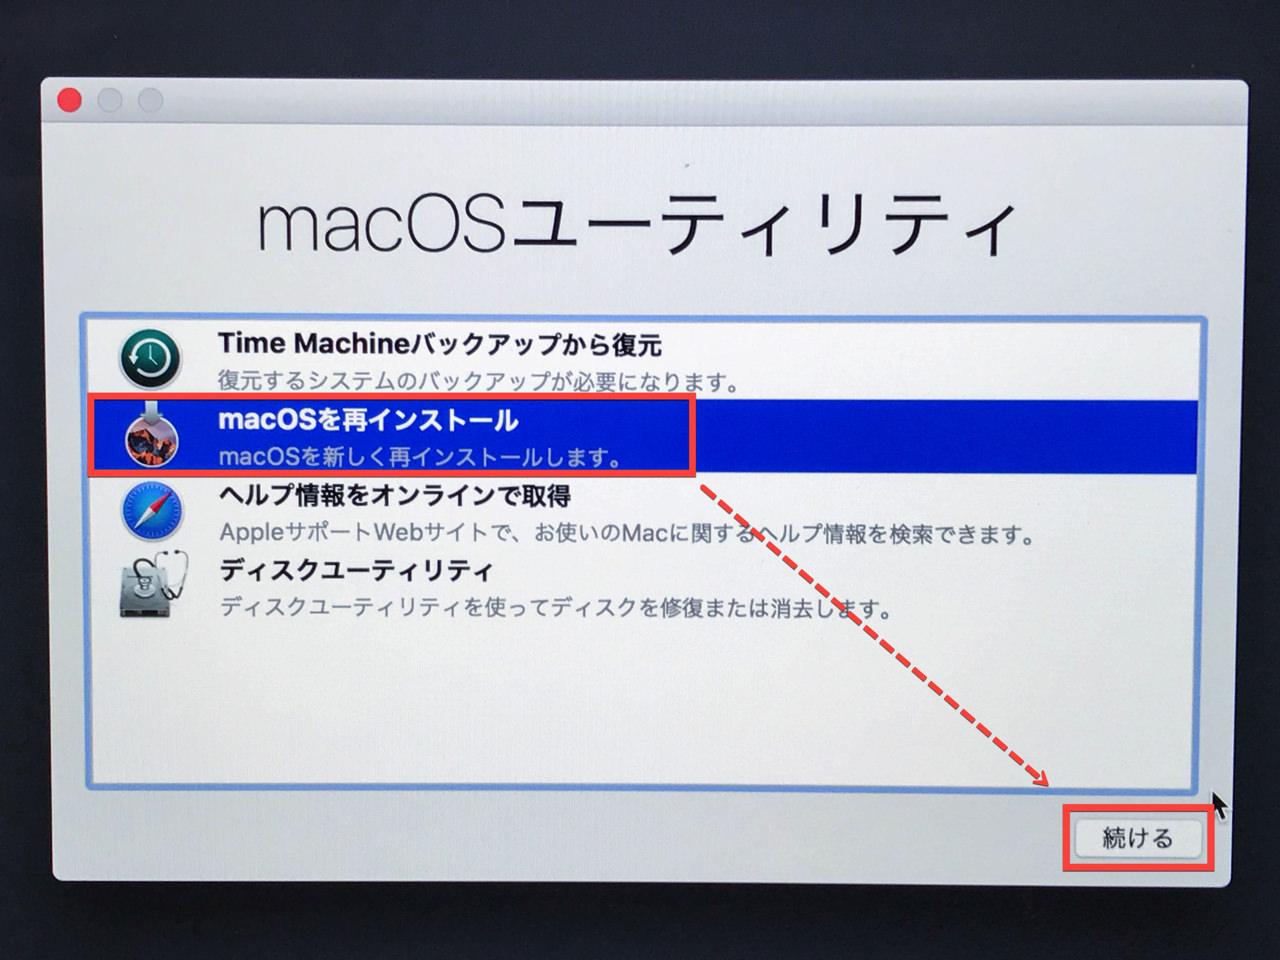 macOSを再インストールを選択して続けるボタンをクリック